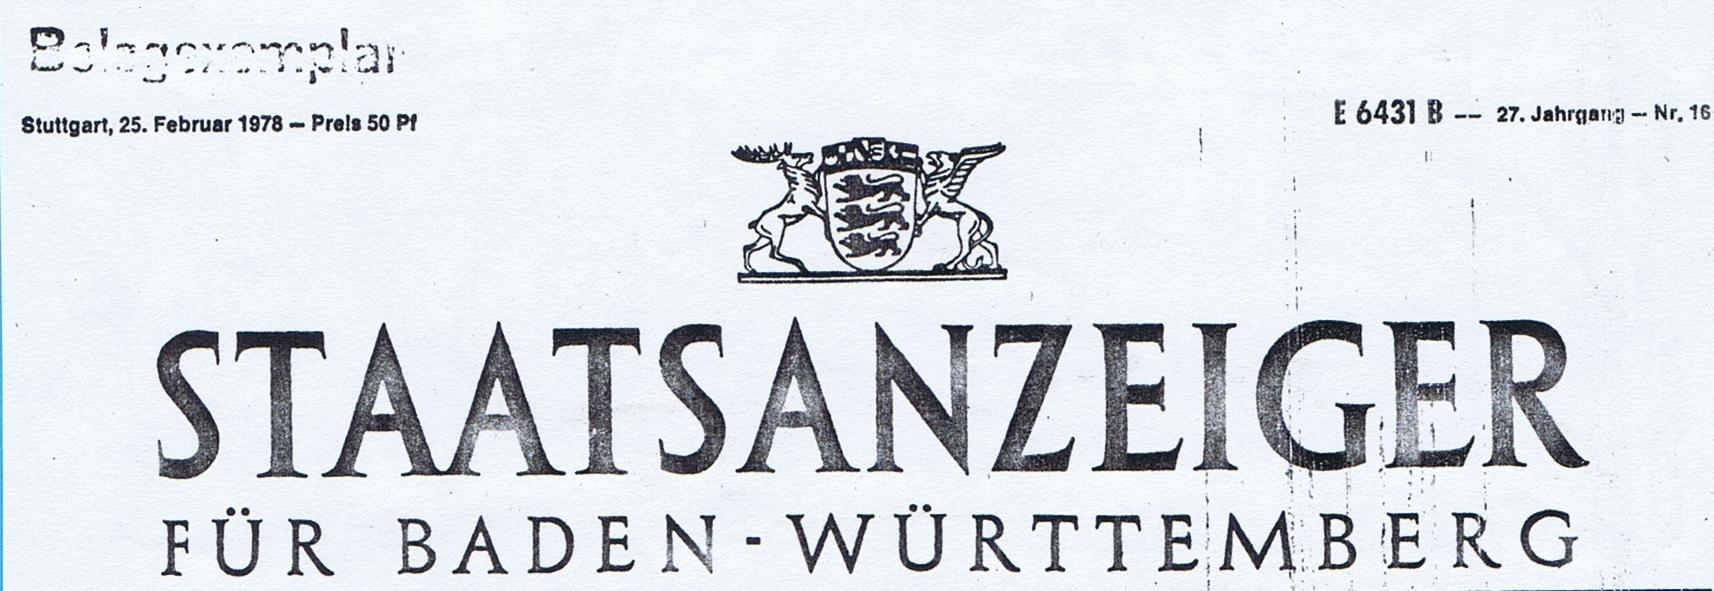 19780225_print_Staatsanzeiger-BW_Titel